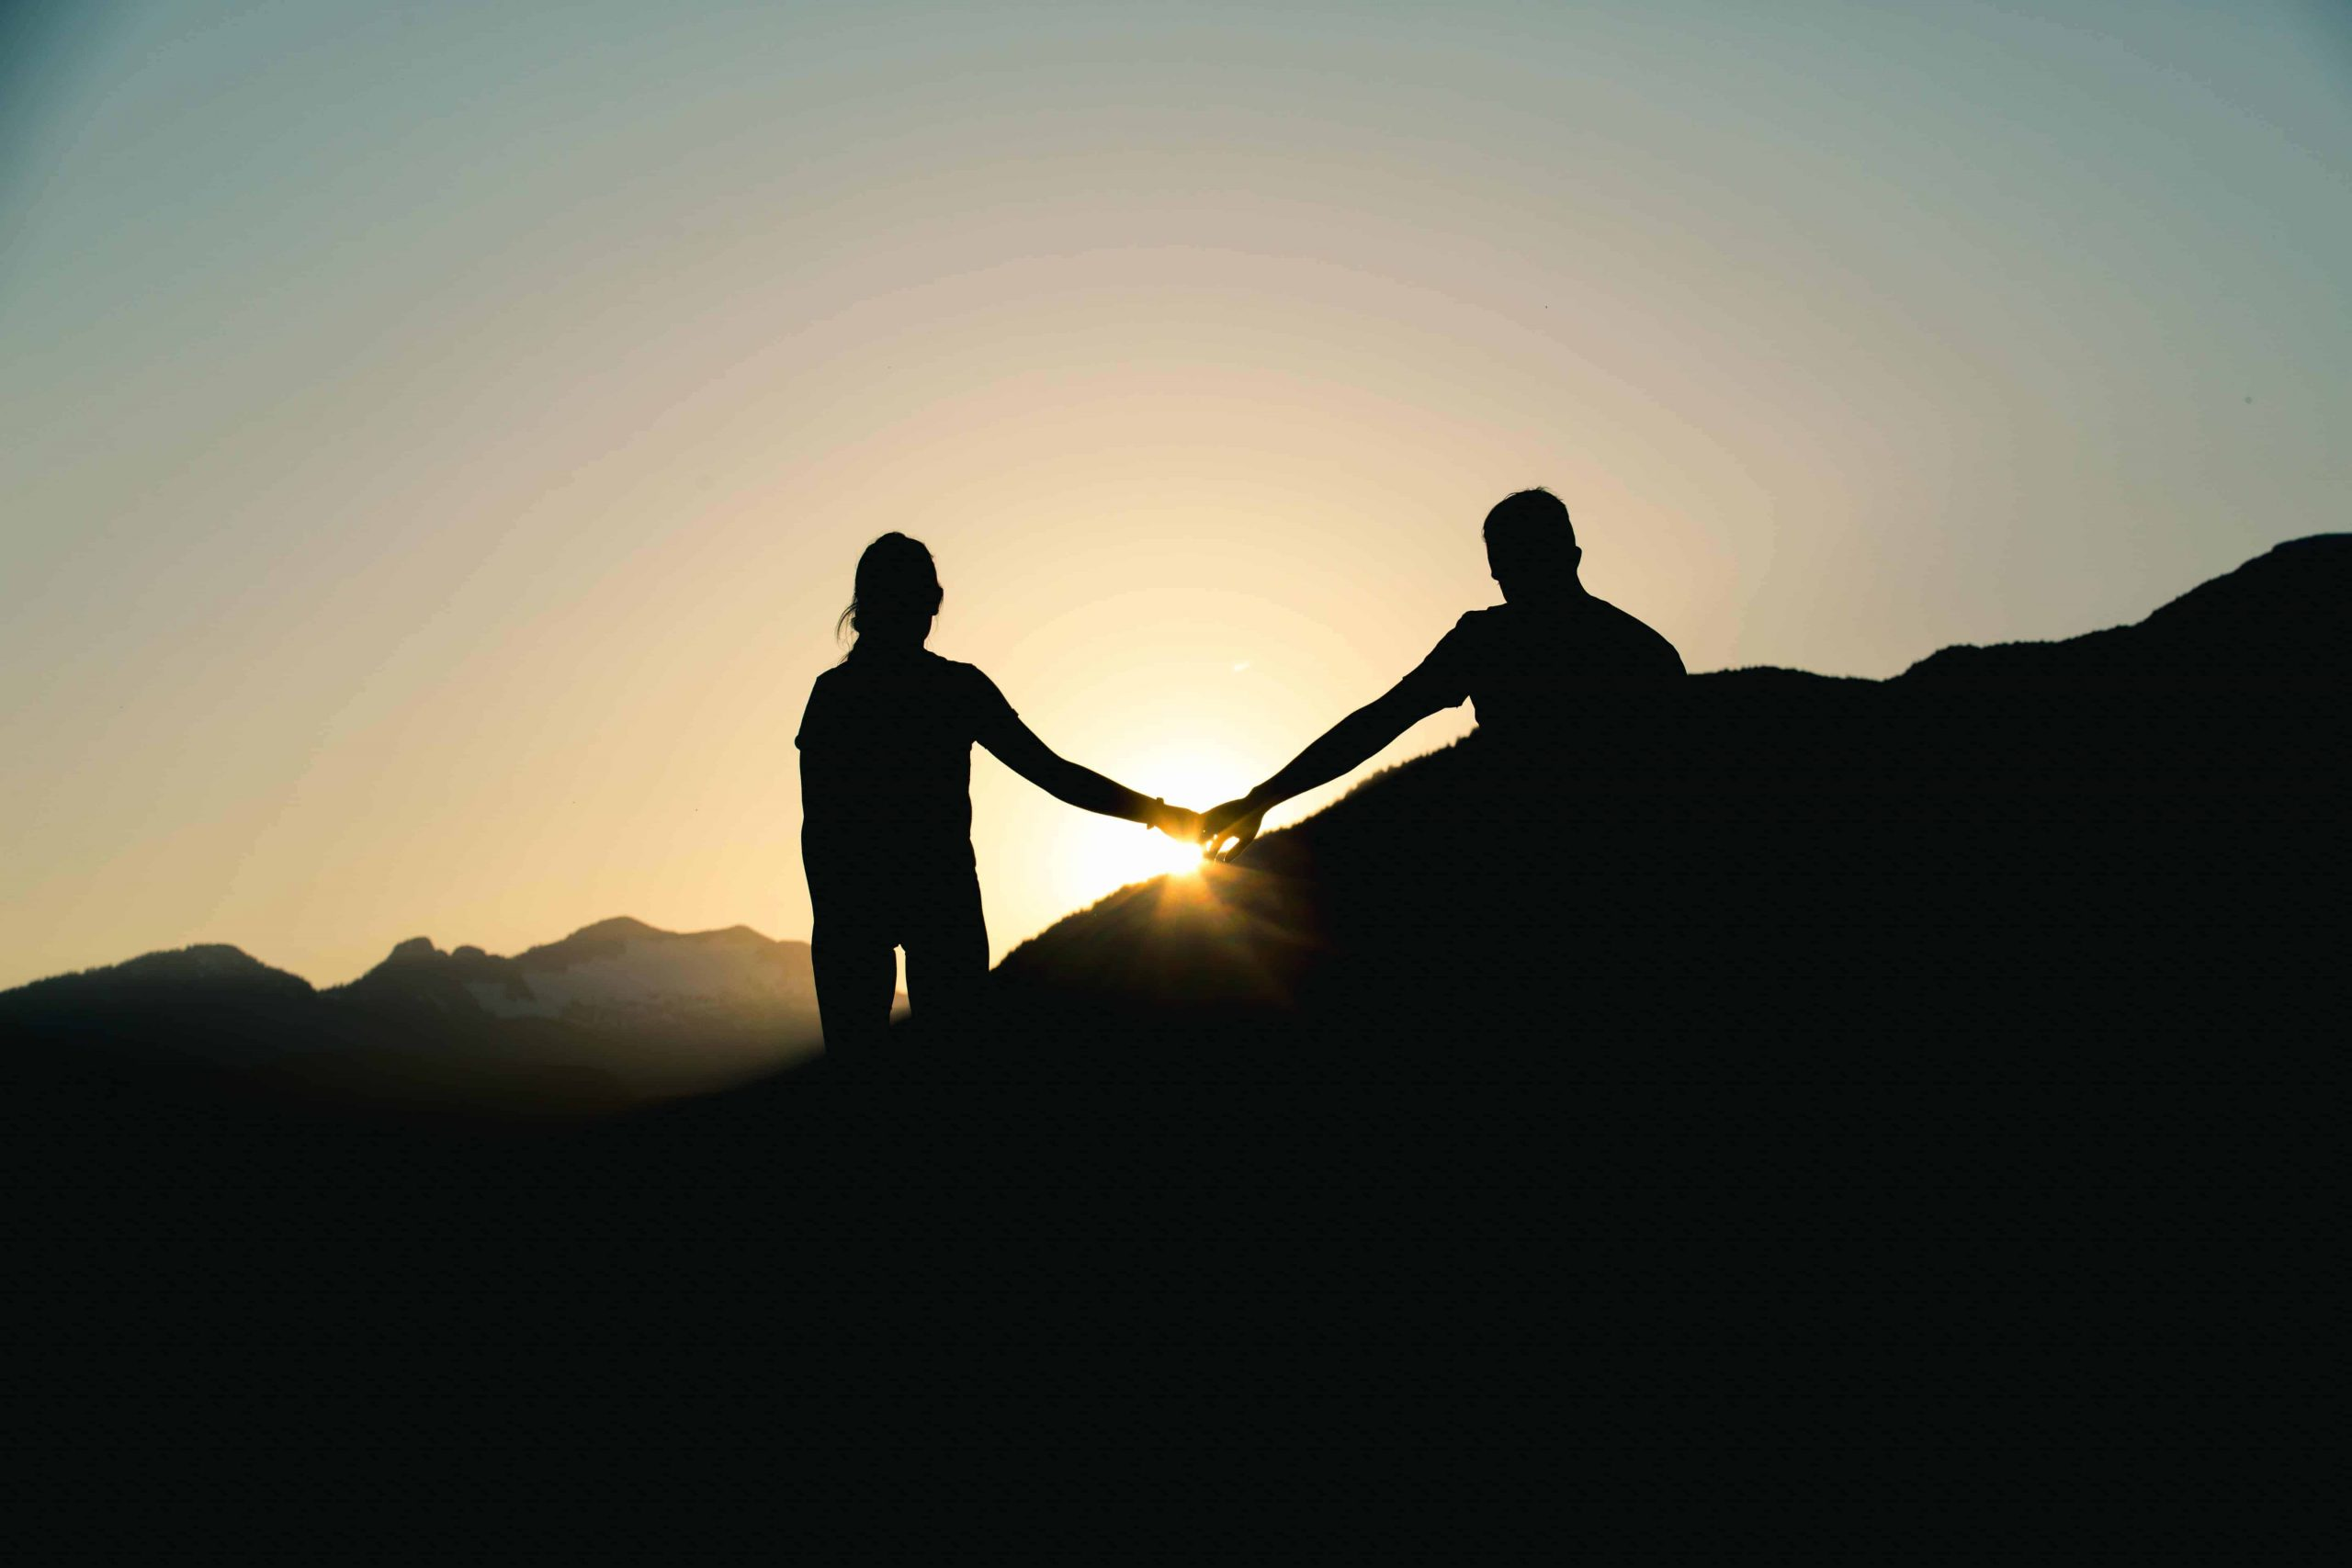 Beziehung retten: 5 Ratschläge die zur Rettung einer Beziehung helfen